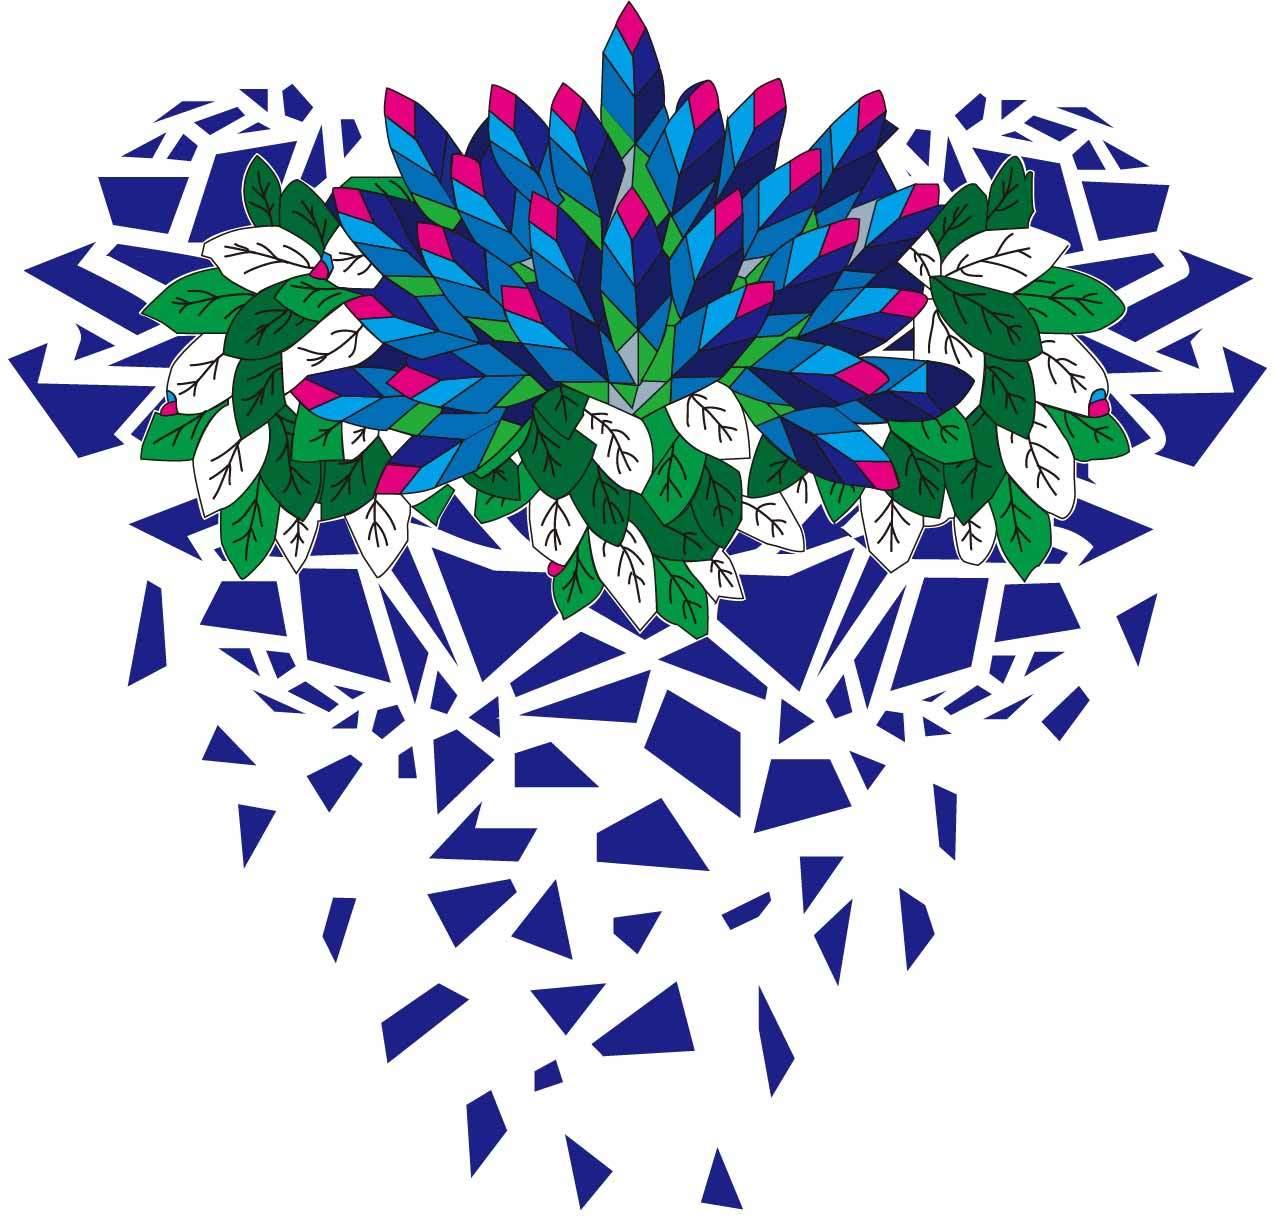 几何图案拼接植物叶子印花矢量图服装裁片T恤烫图印花花型素材-POP花型网